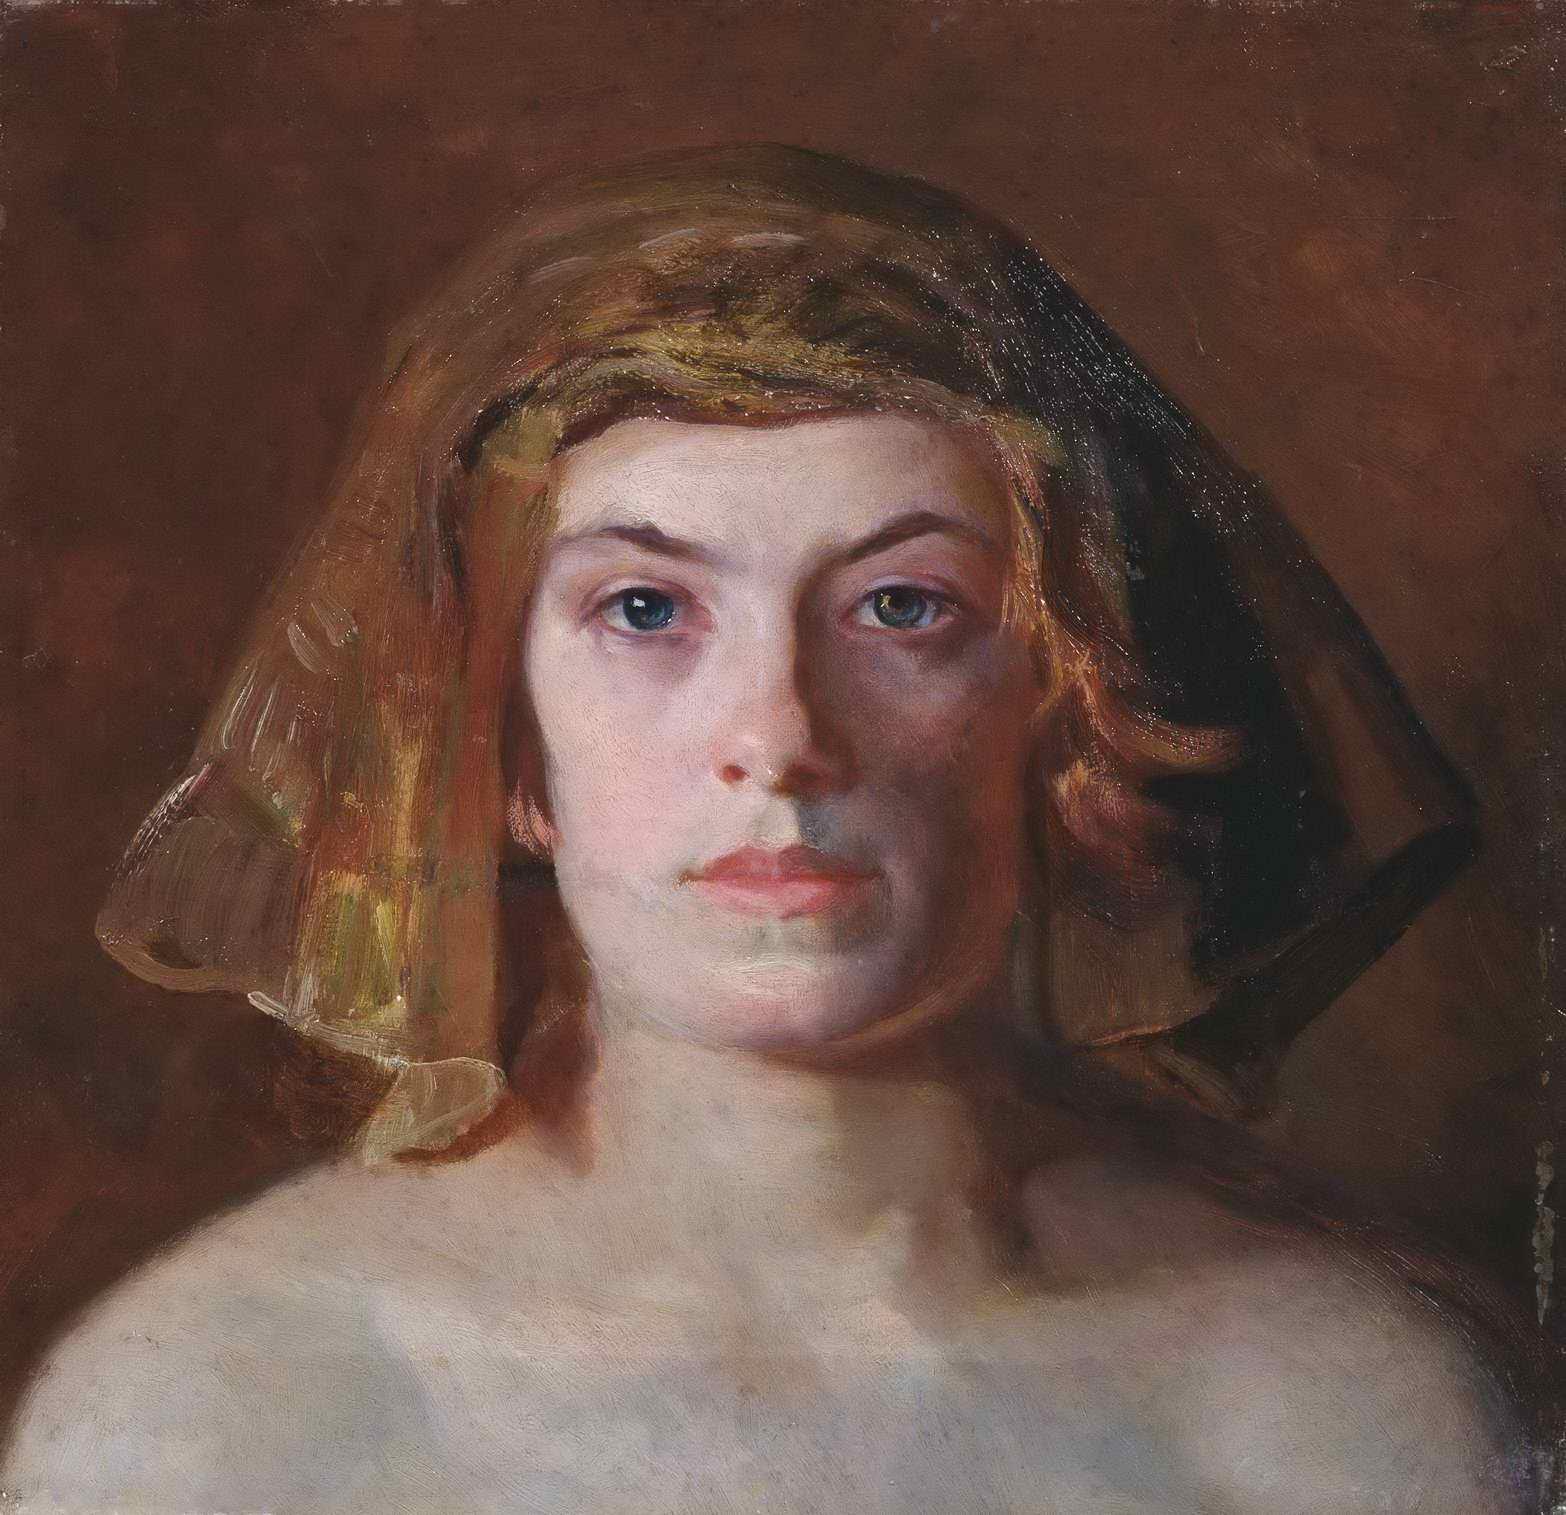 Касаткин Н.А. - Женская голова